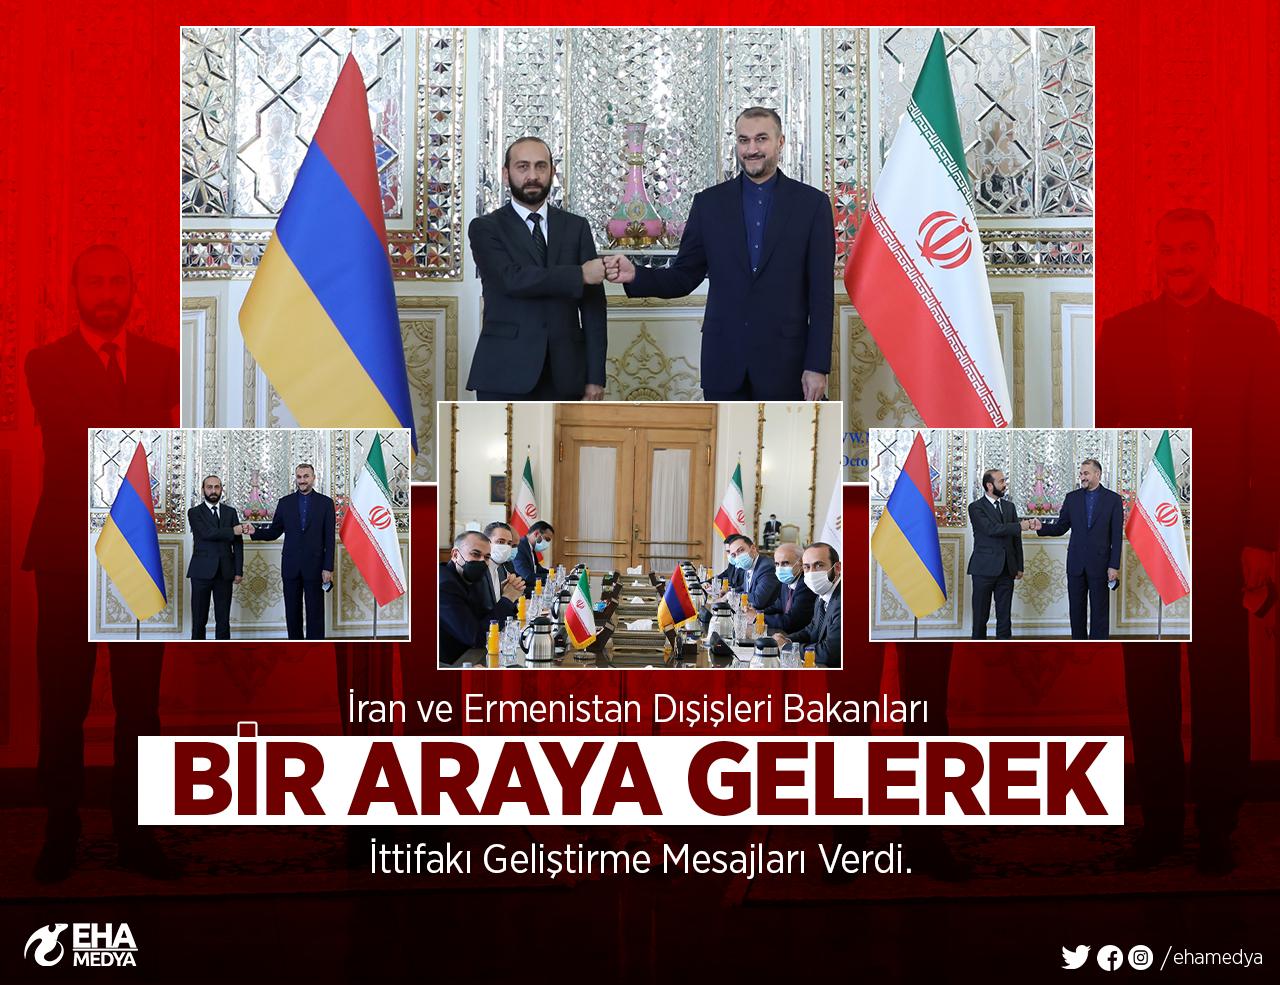 Azerbaycan'a Düşmanca Tutumunu Artıran İran, Ermenistan İle Yakınlaşıyor